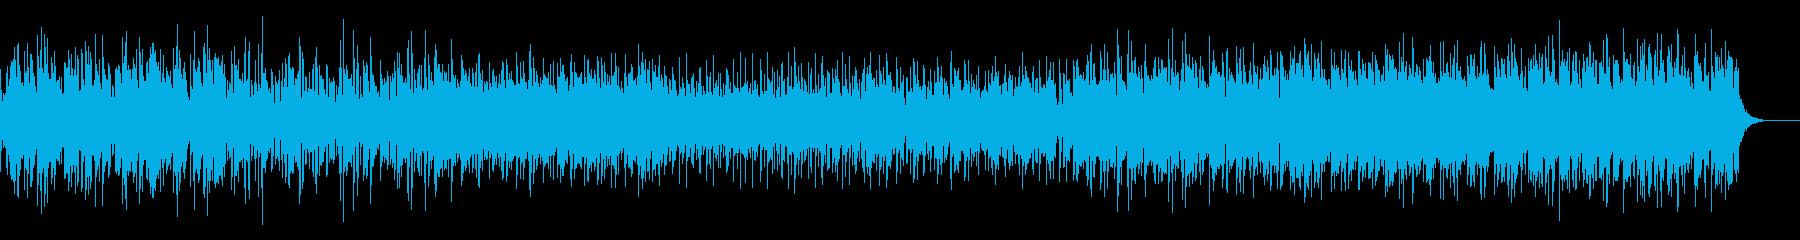 メロディアスで爽やかなシティポップの再生済みの波形